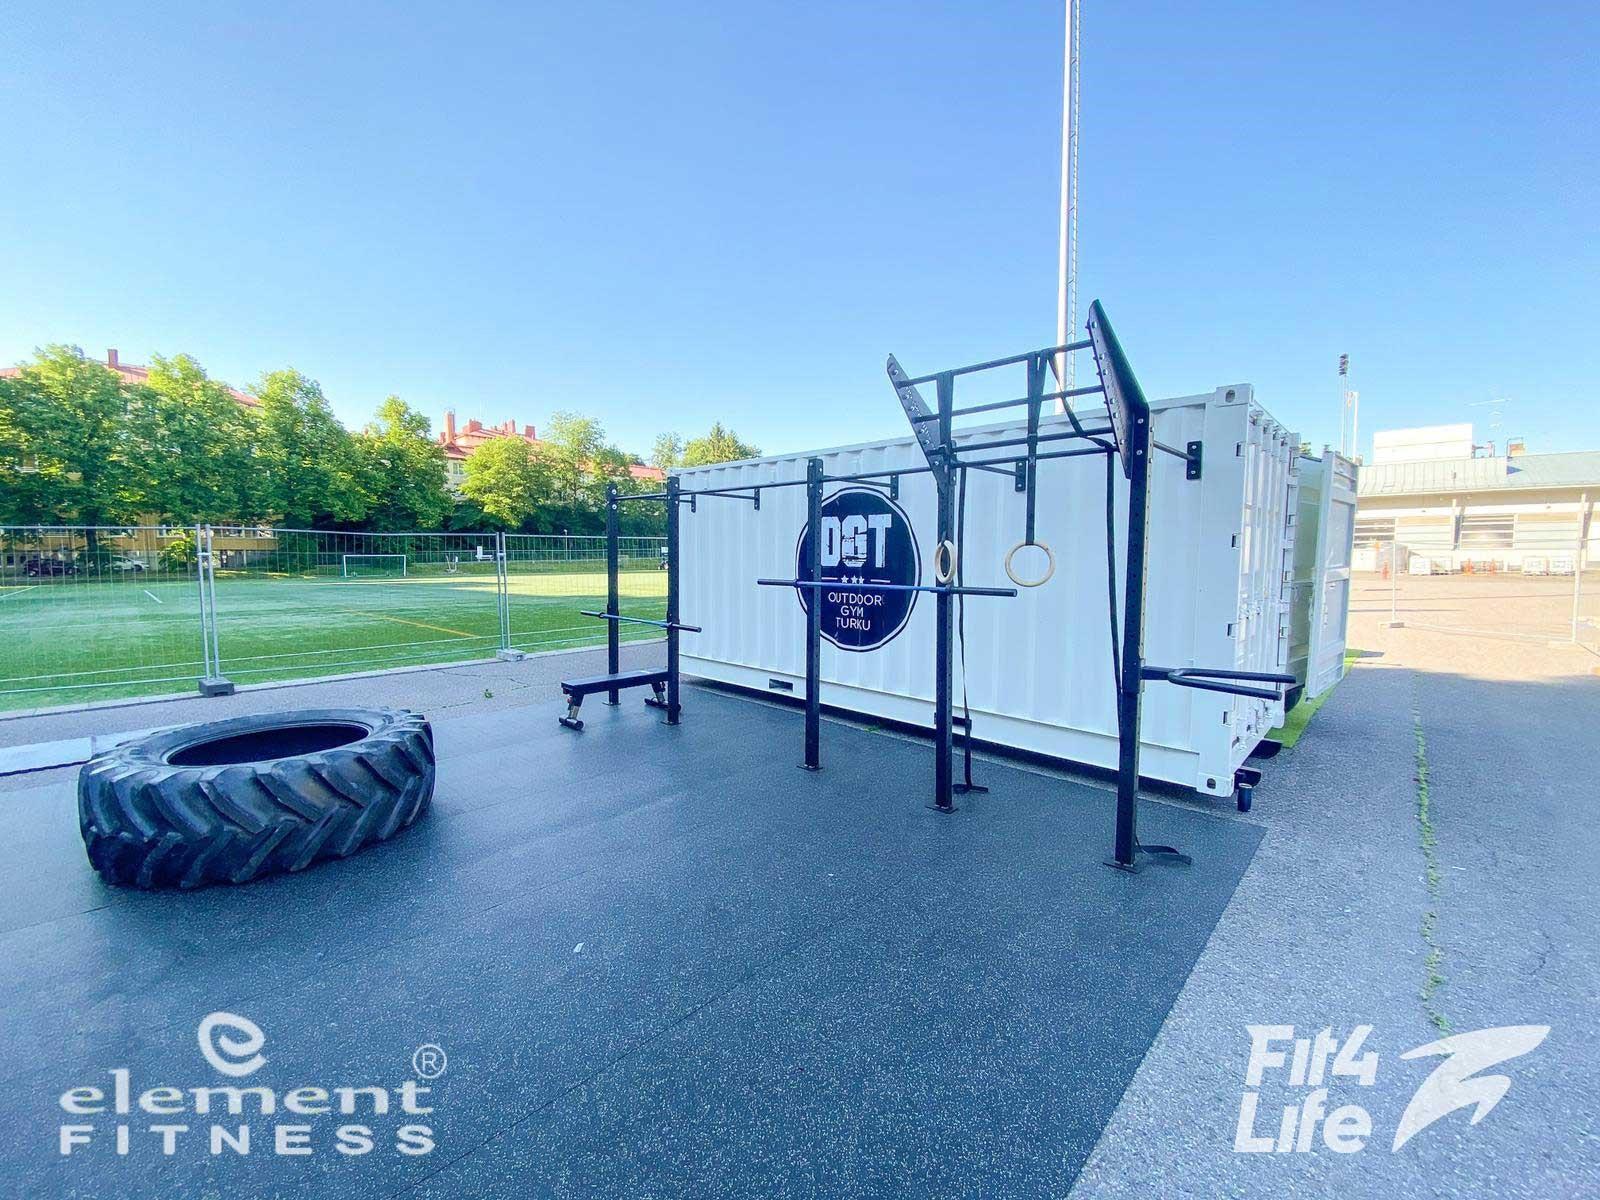 Fit4Life se convierte en distribuidor oficial de Element Fitness